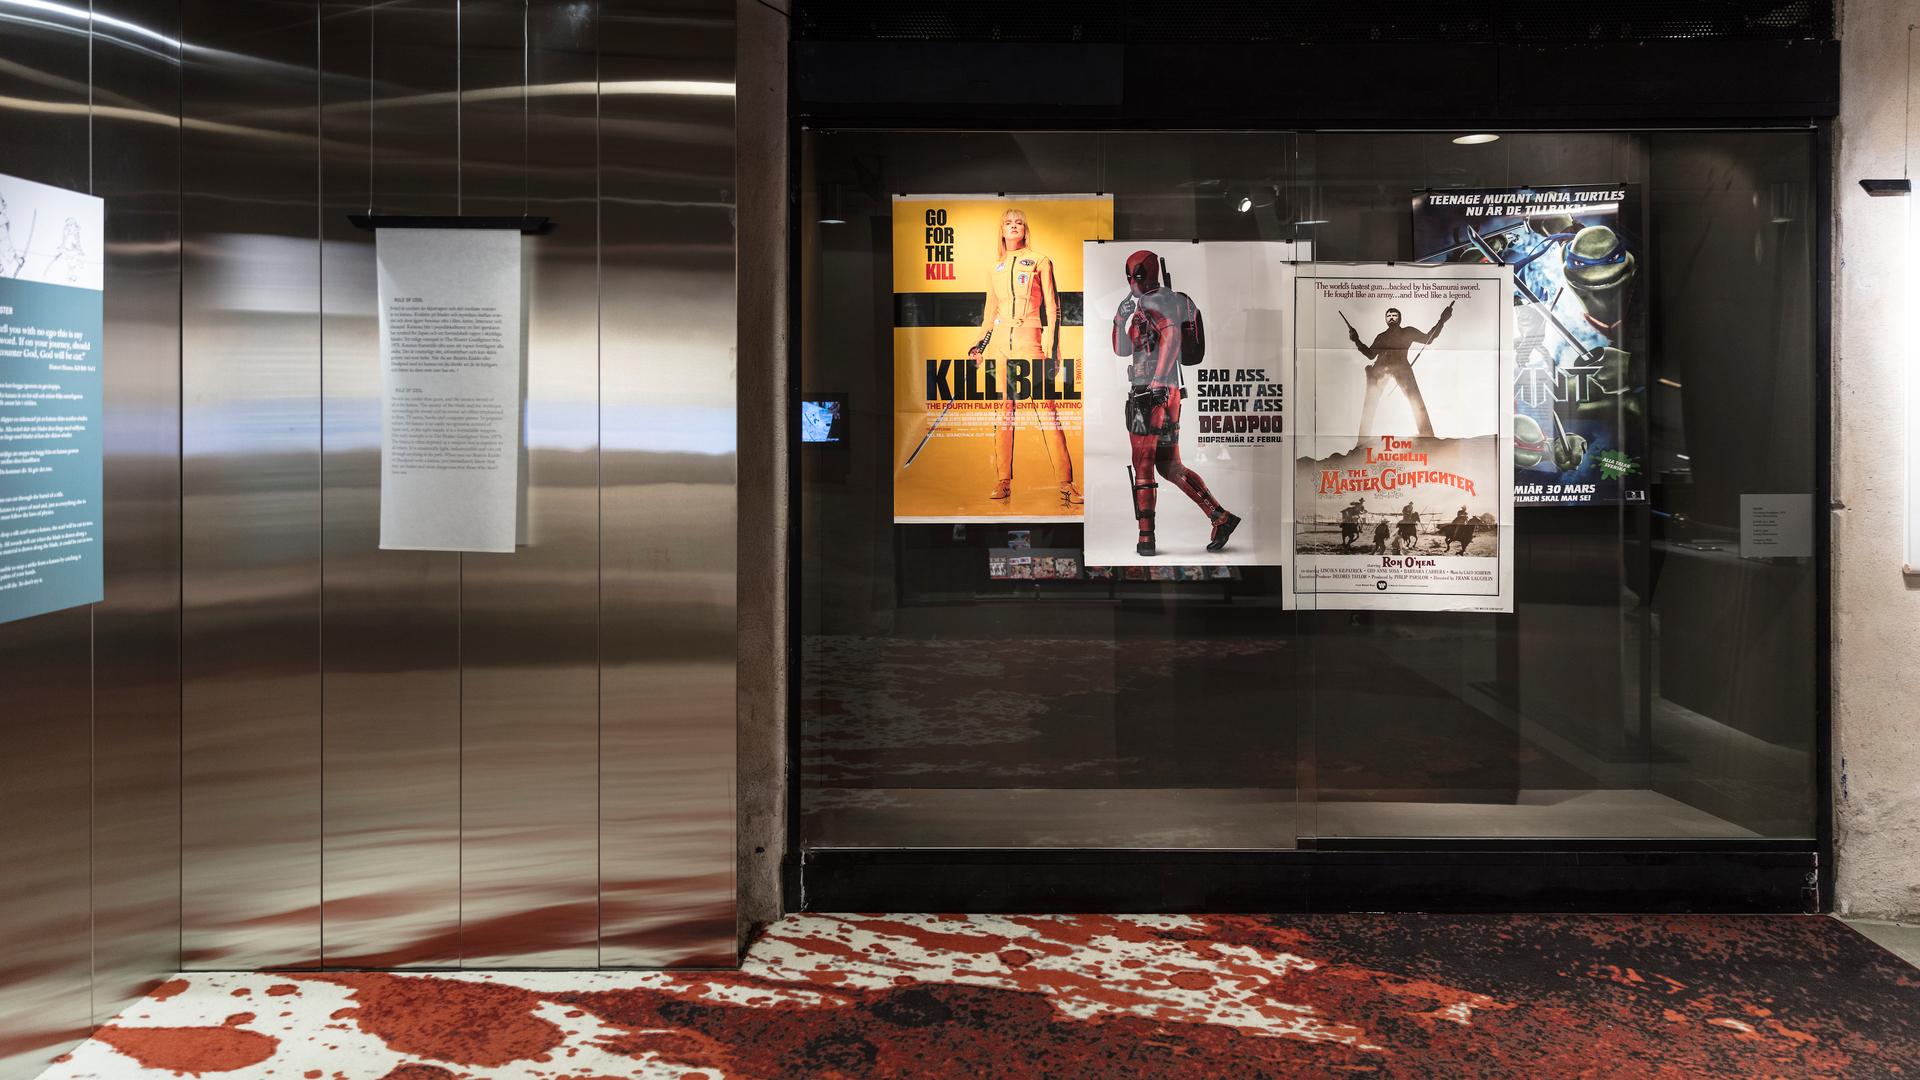 I utställningslokalen var ett golv fyllt med låtsas blod och i en monter syns fyra filmaaffischer, bland annat Kill Bill